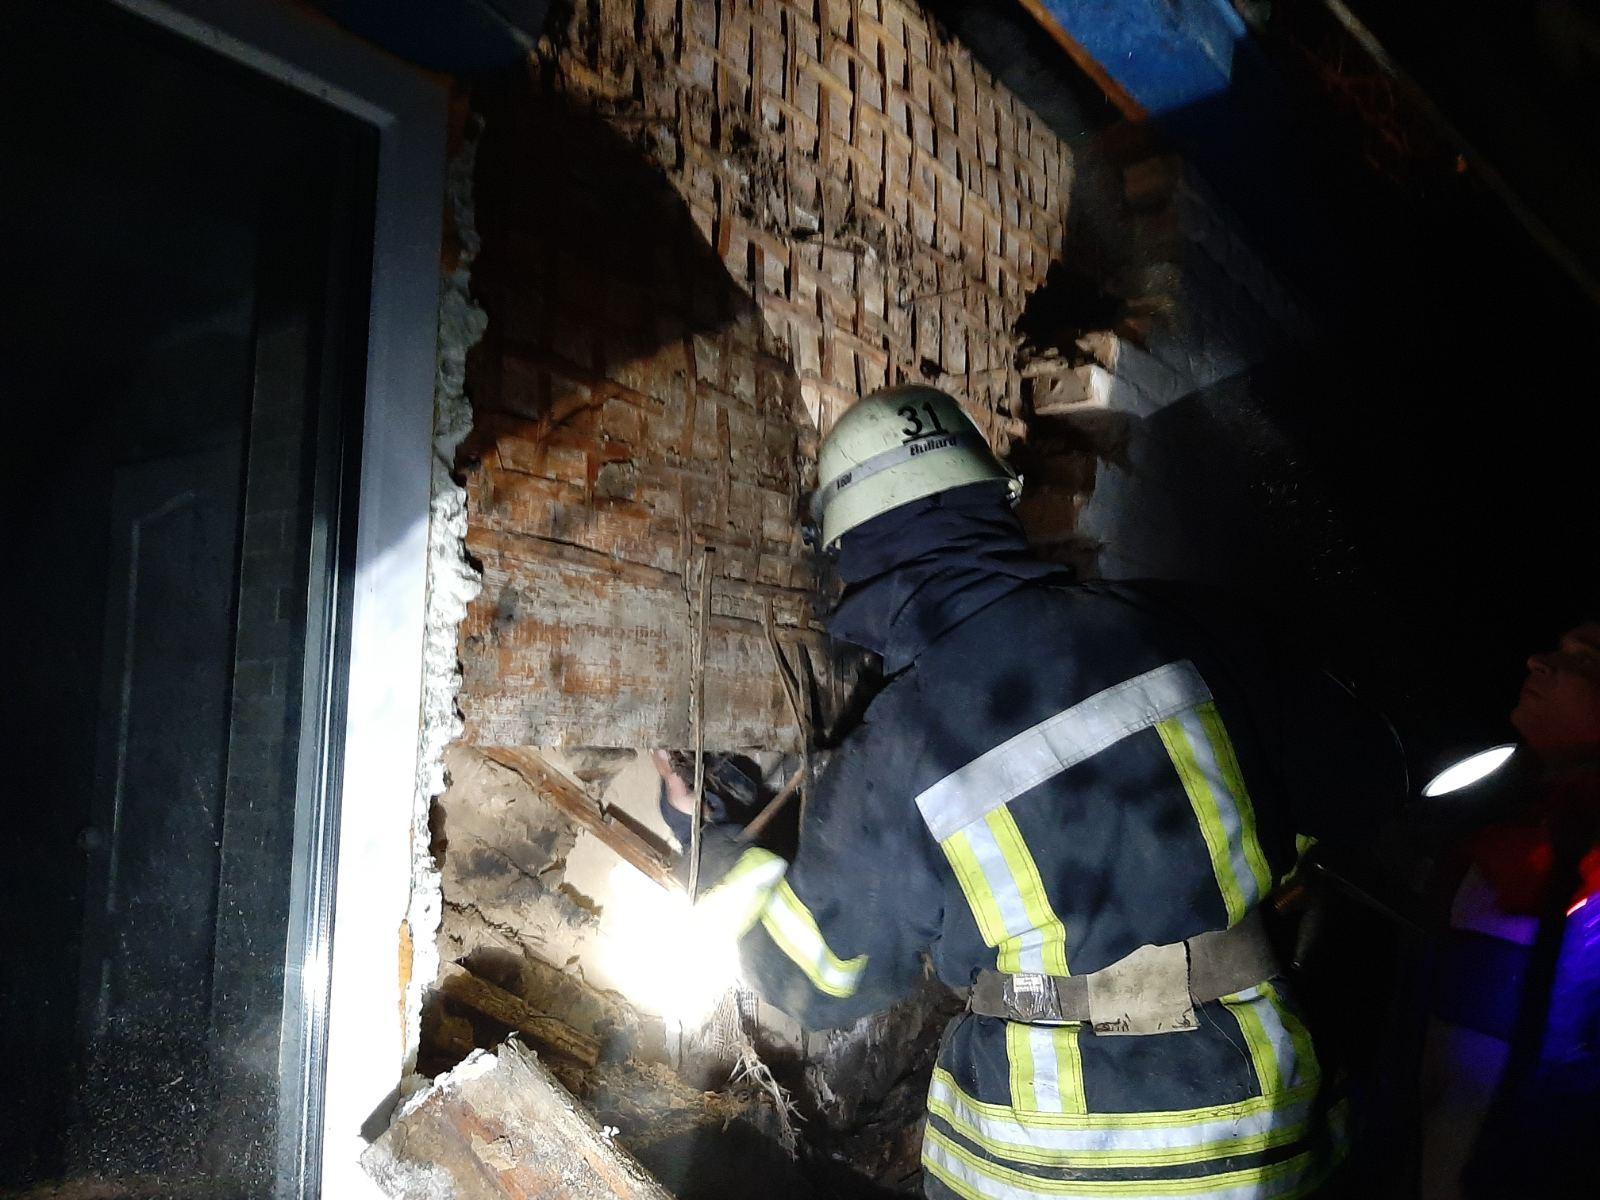 З пожежі у Бородянці вогнеборці врятували чотирьох людей - рятувальники, врятувати життя, вогнеборці, бородянські рятувальники - 05 pozhezha